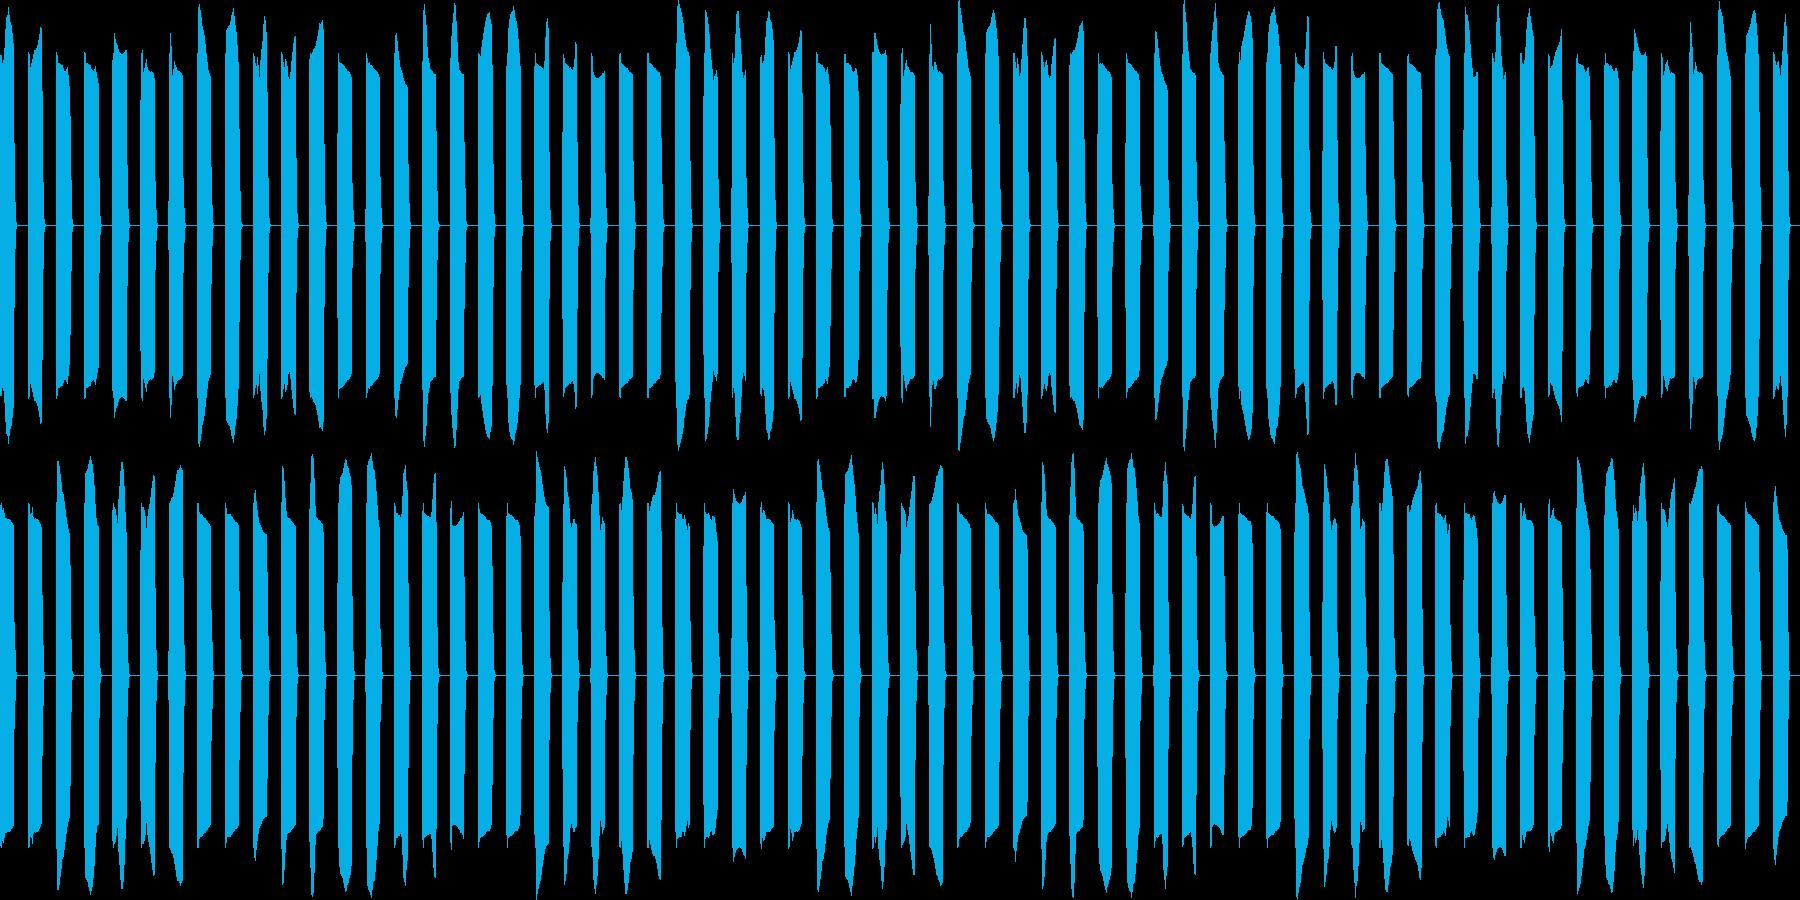 ピピピ...。アラーム・目覚ましB(長)の再生済みの波形